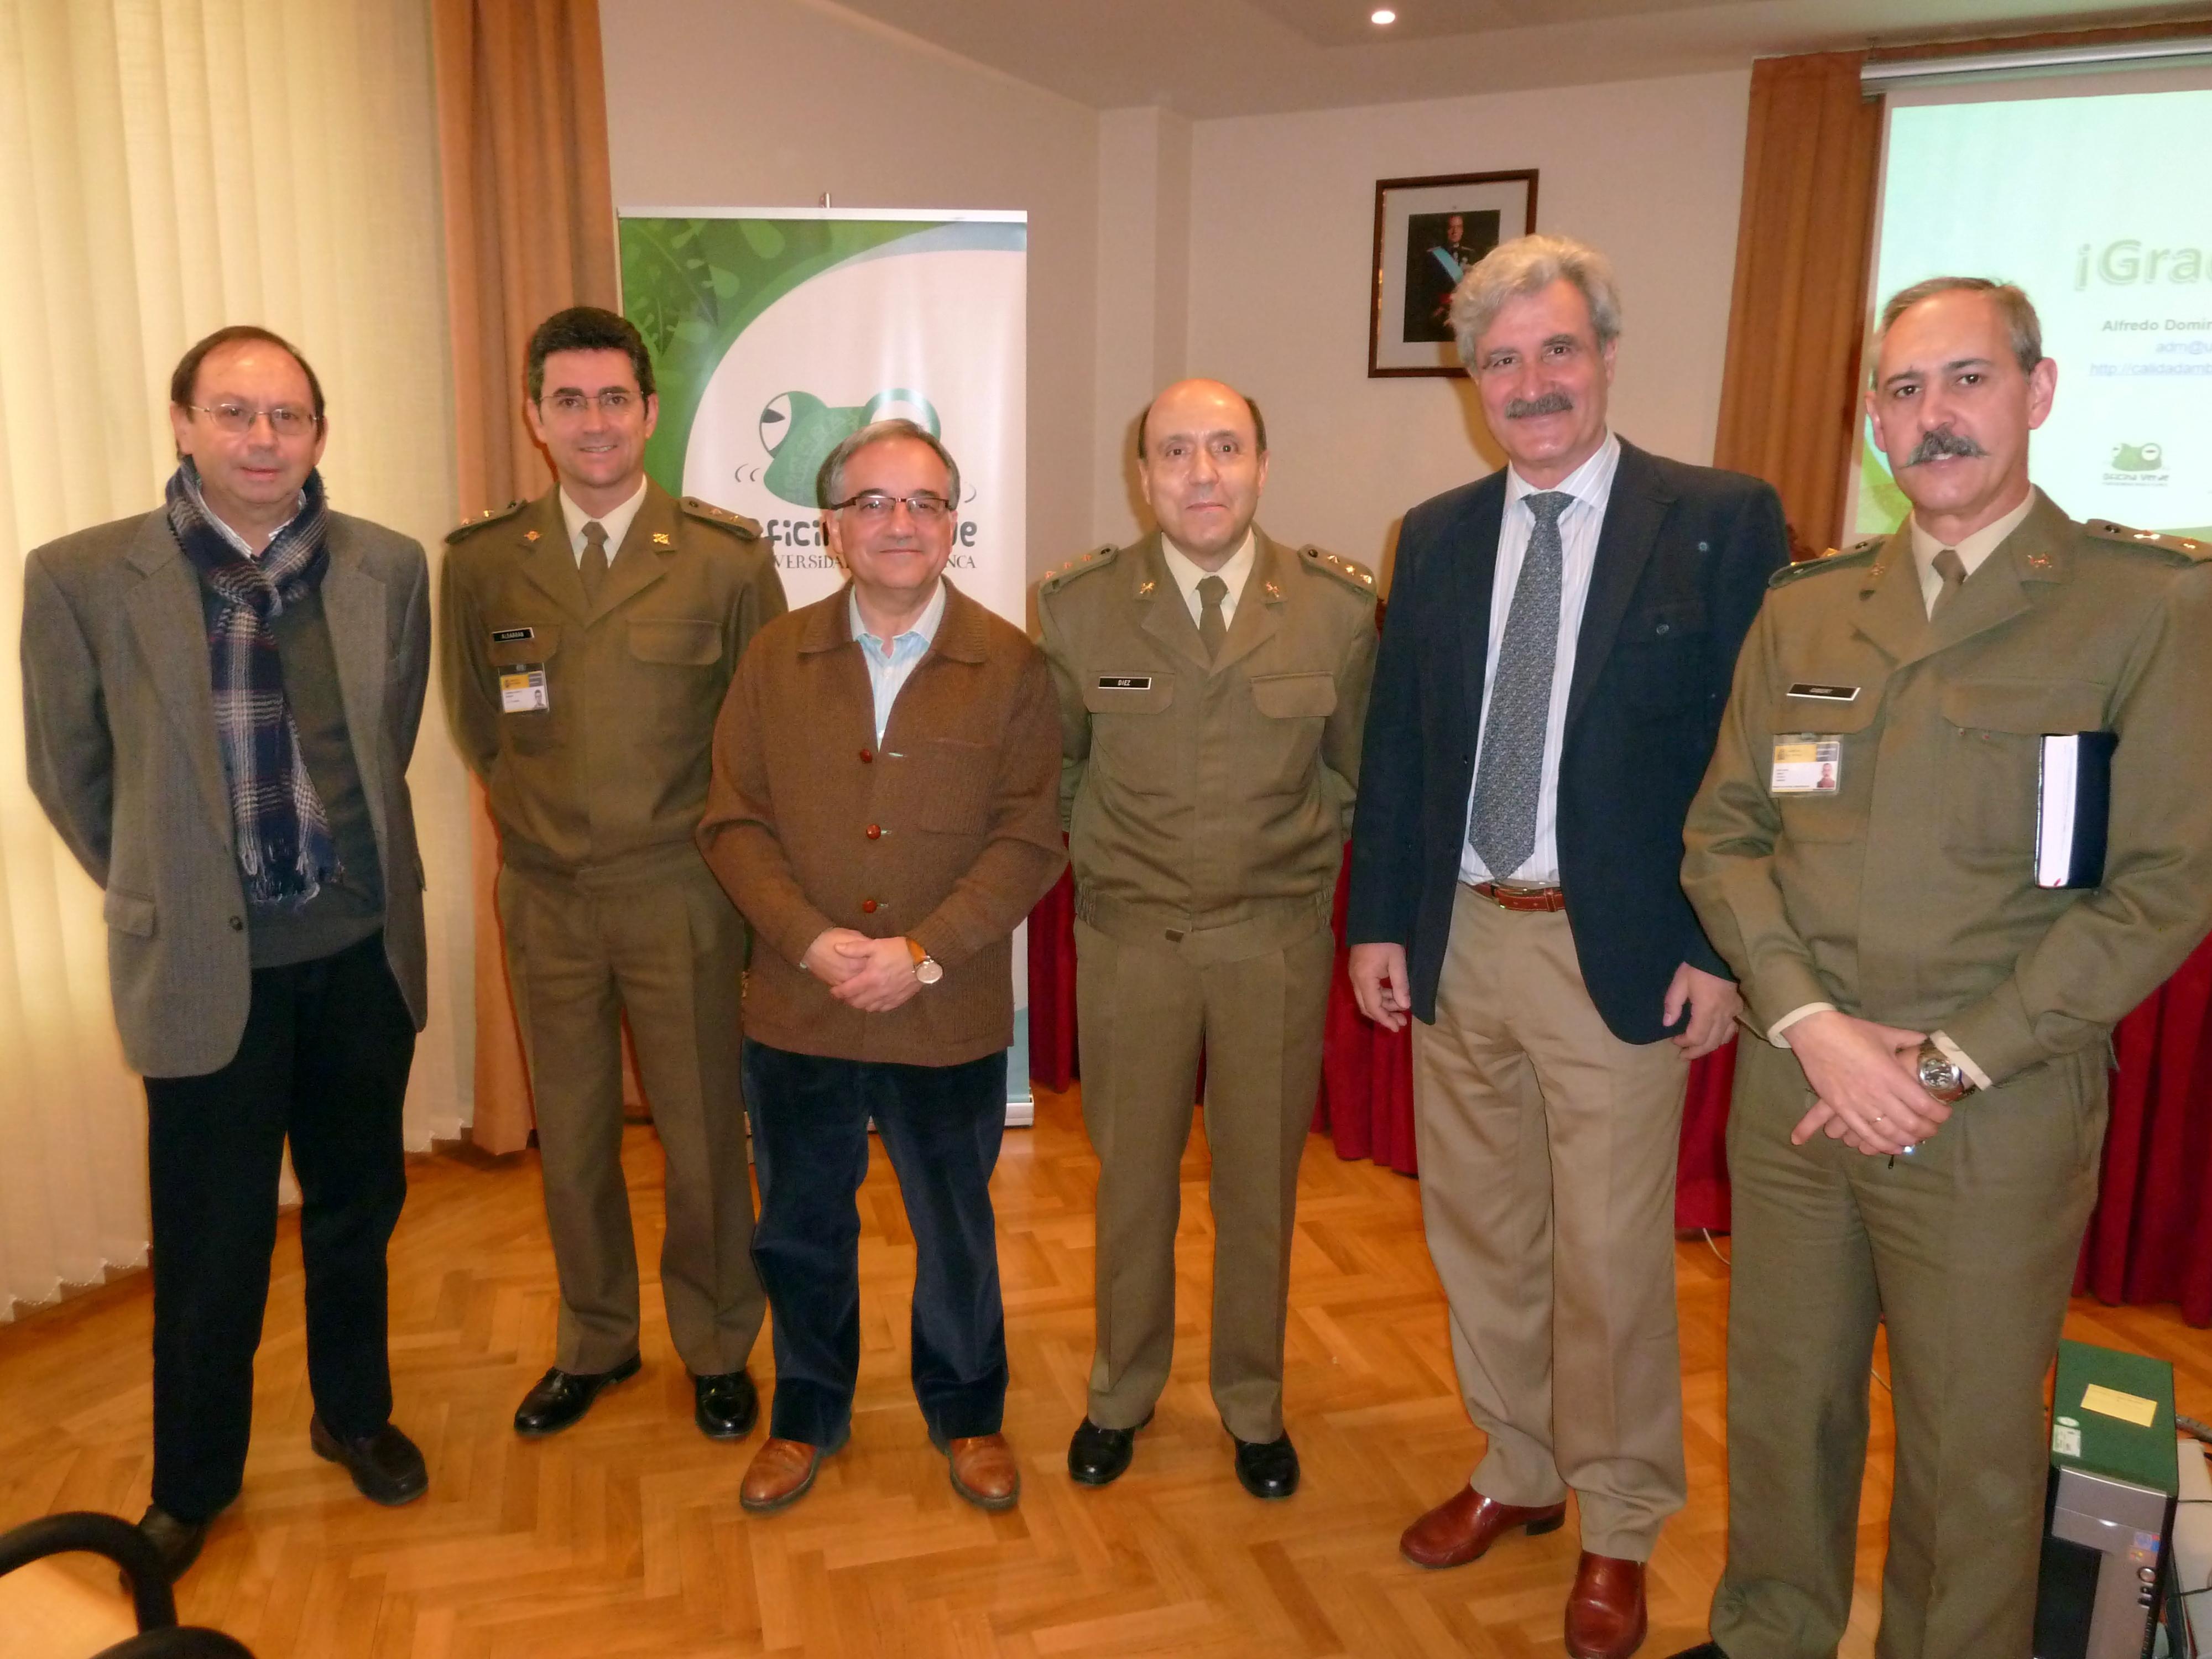 La oficina verde colabora con la subdelegaci n de defensa for Oficina correos salamanca